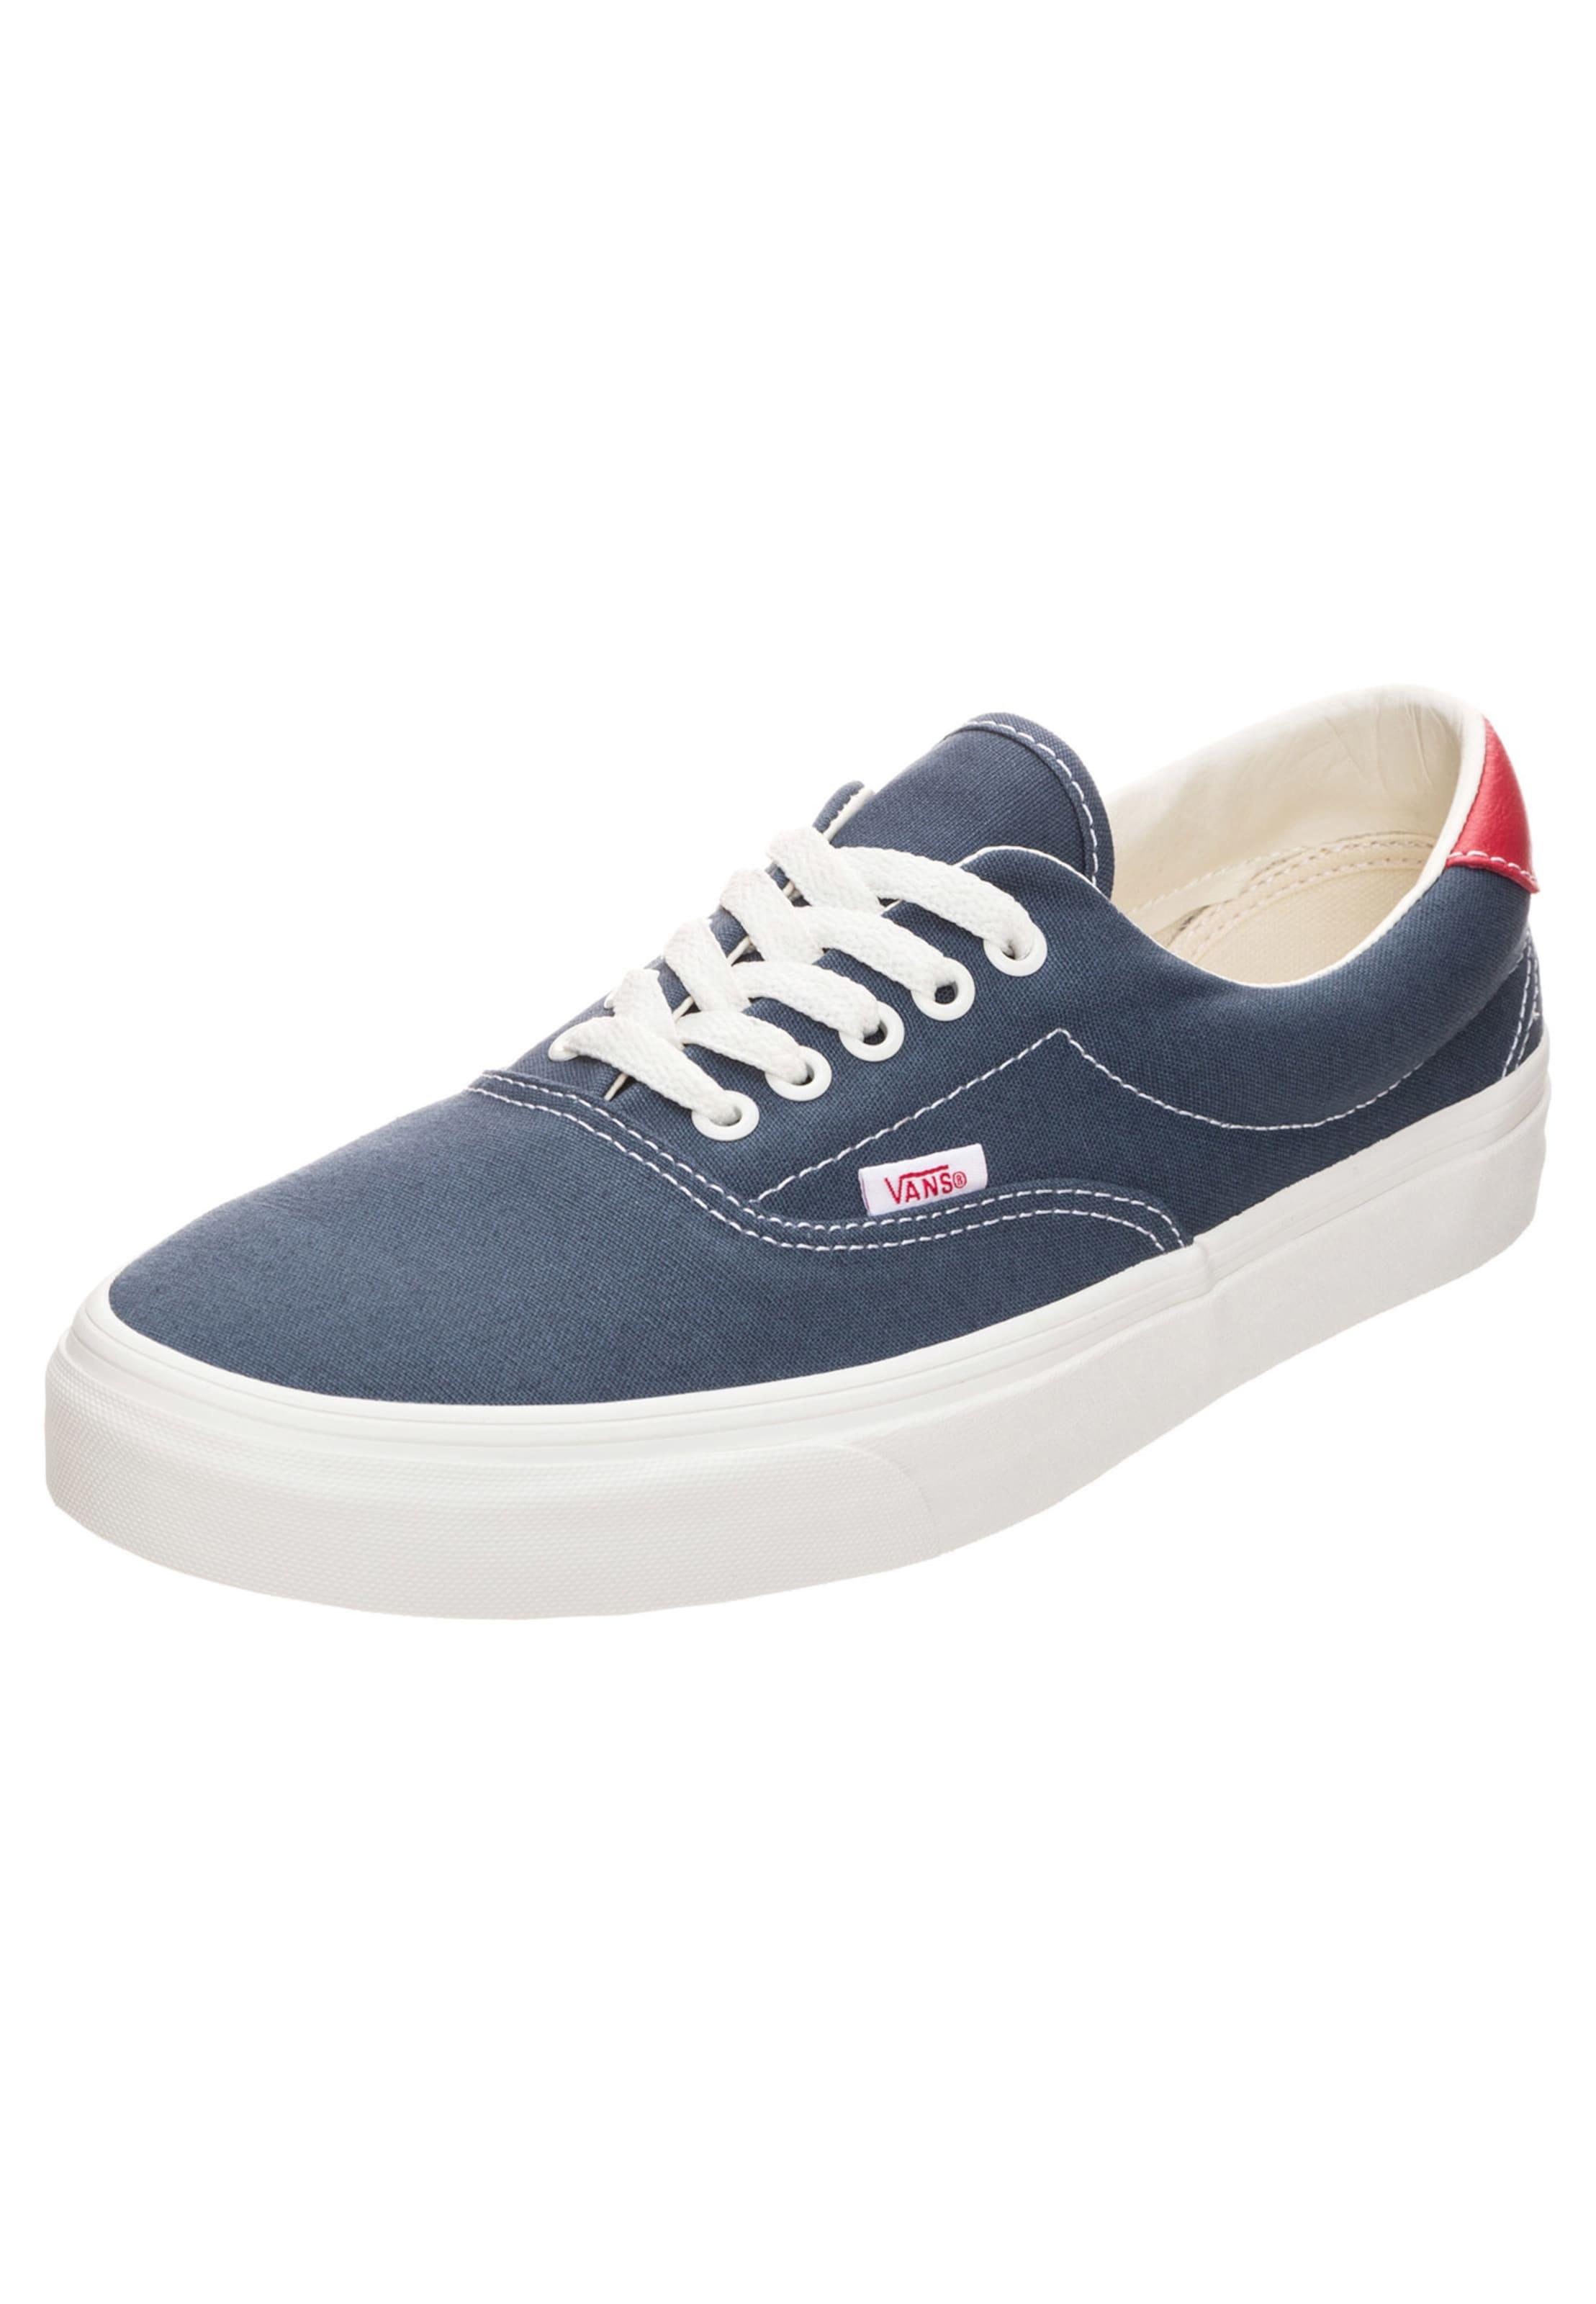 VANS Era 59 Sneaker Herren